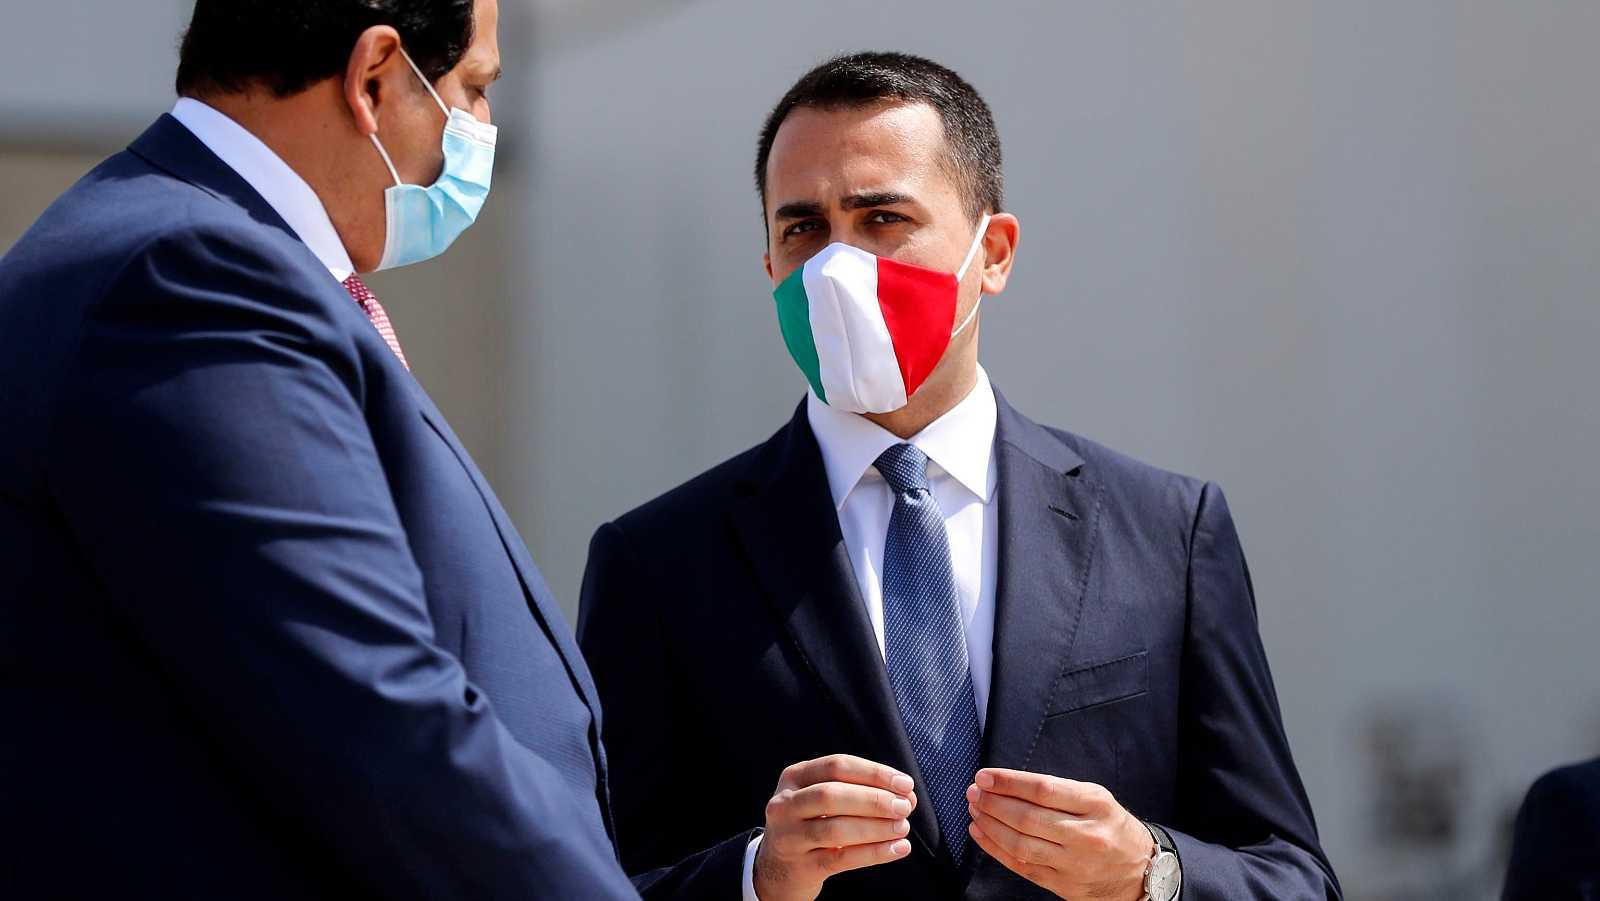 """El ministro de Exteriores de Italia afirma a TVE que """"la solidaridad es la clave para vencer el desafío"""" del coronavirus a Europa"""